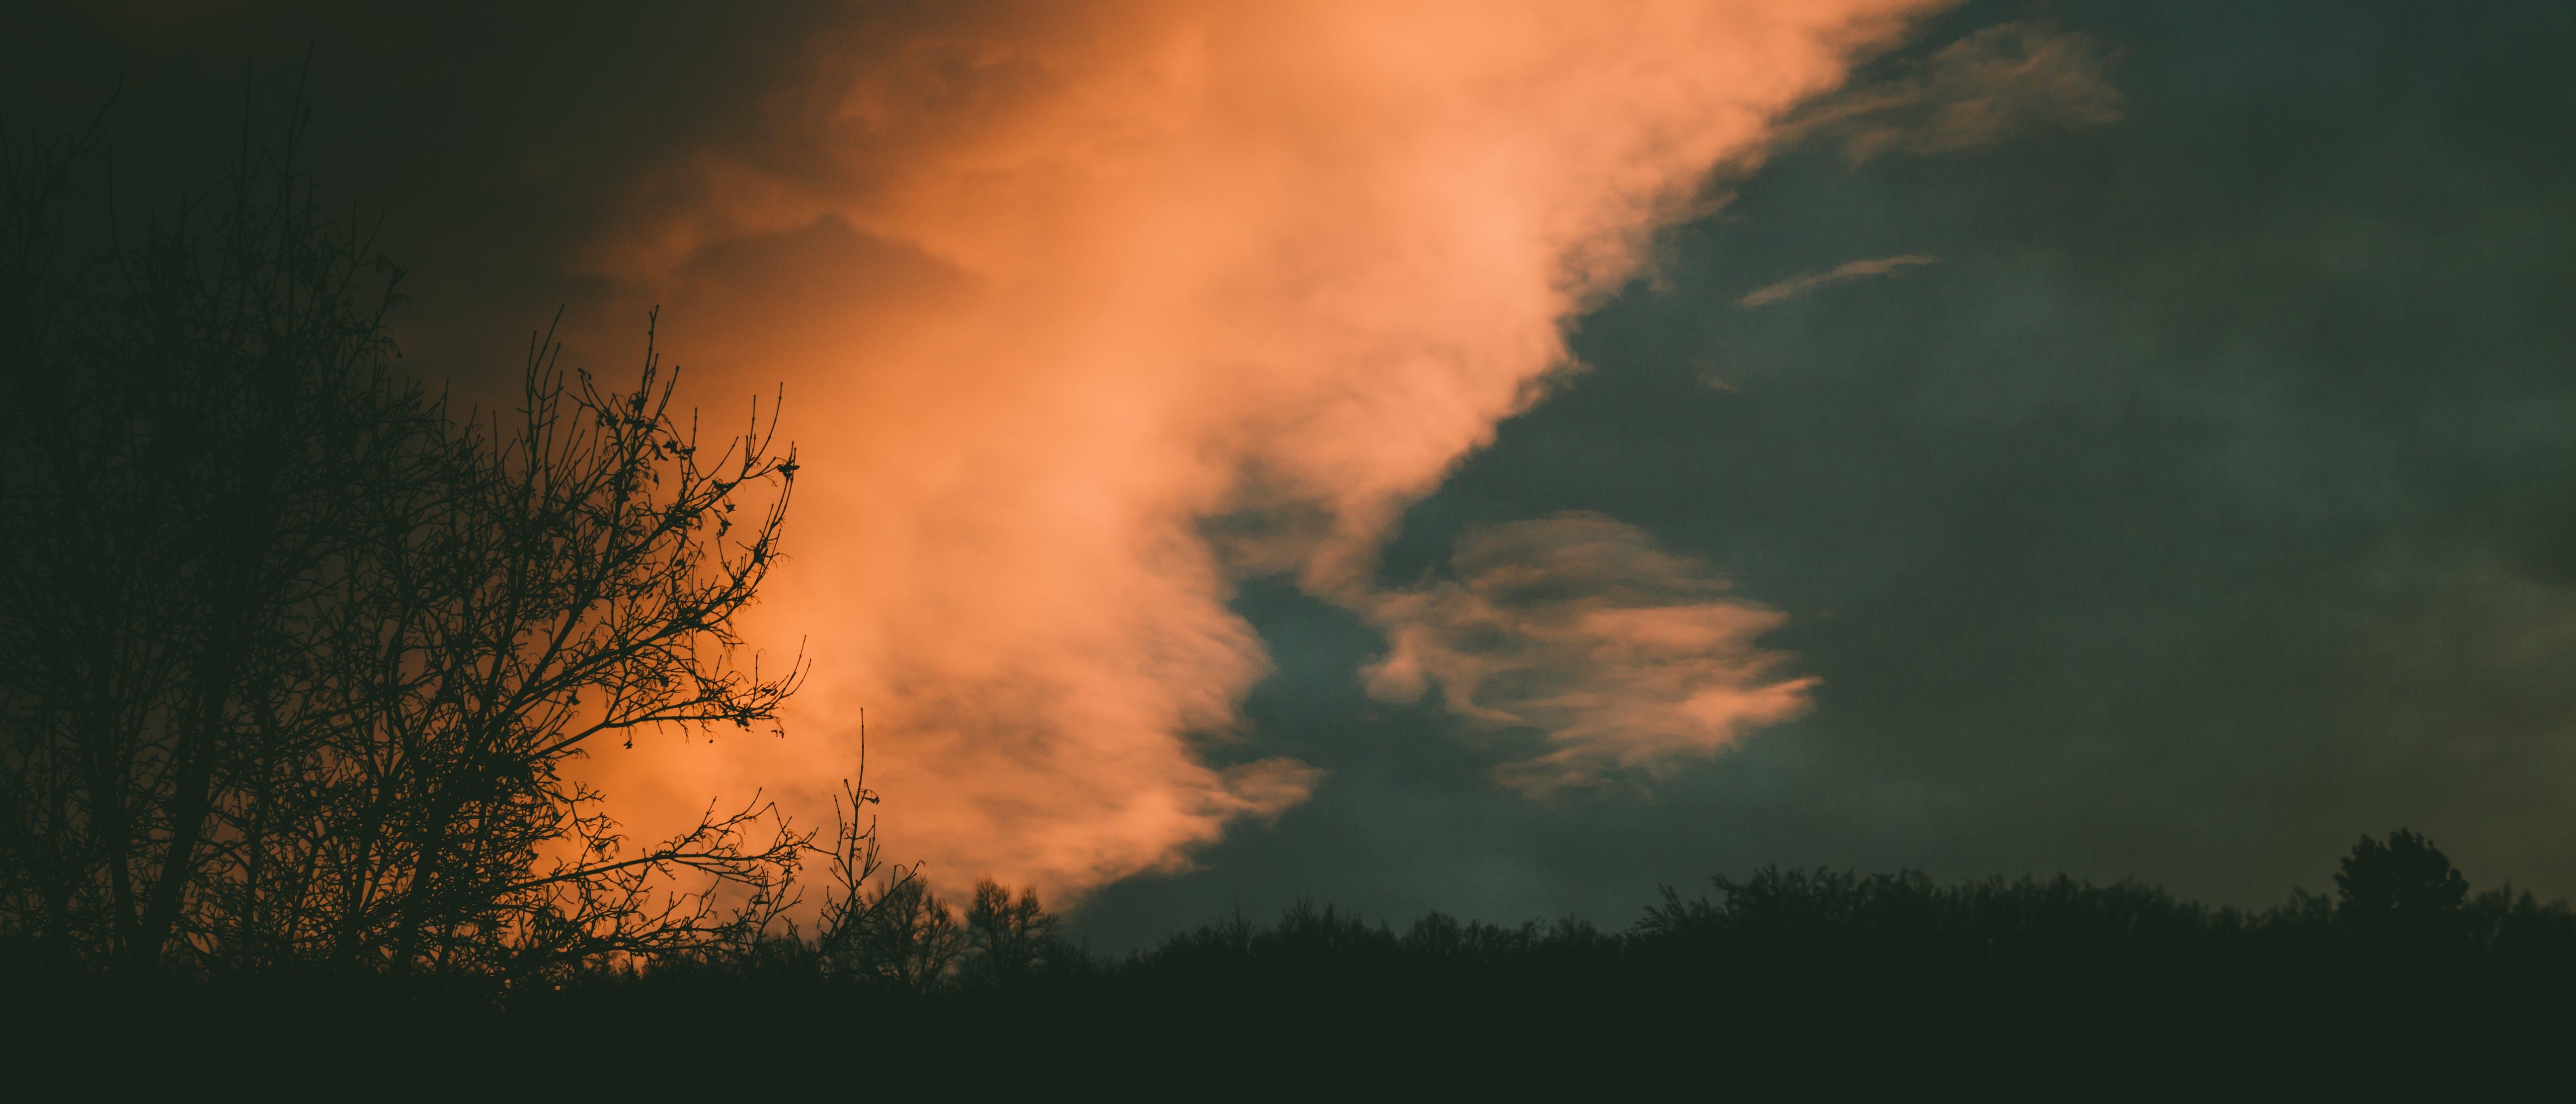 Fotos de stock gratuitas de arboles, cielo, escénico, fotografía de naturaleza